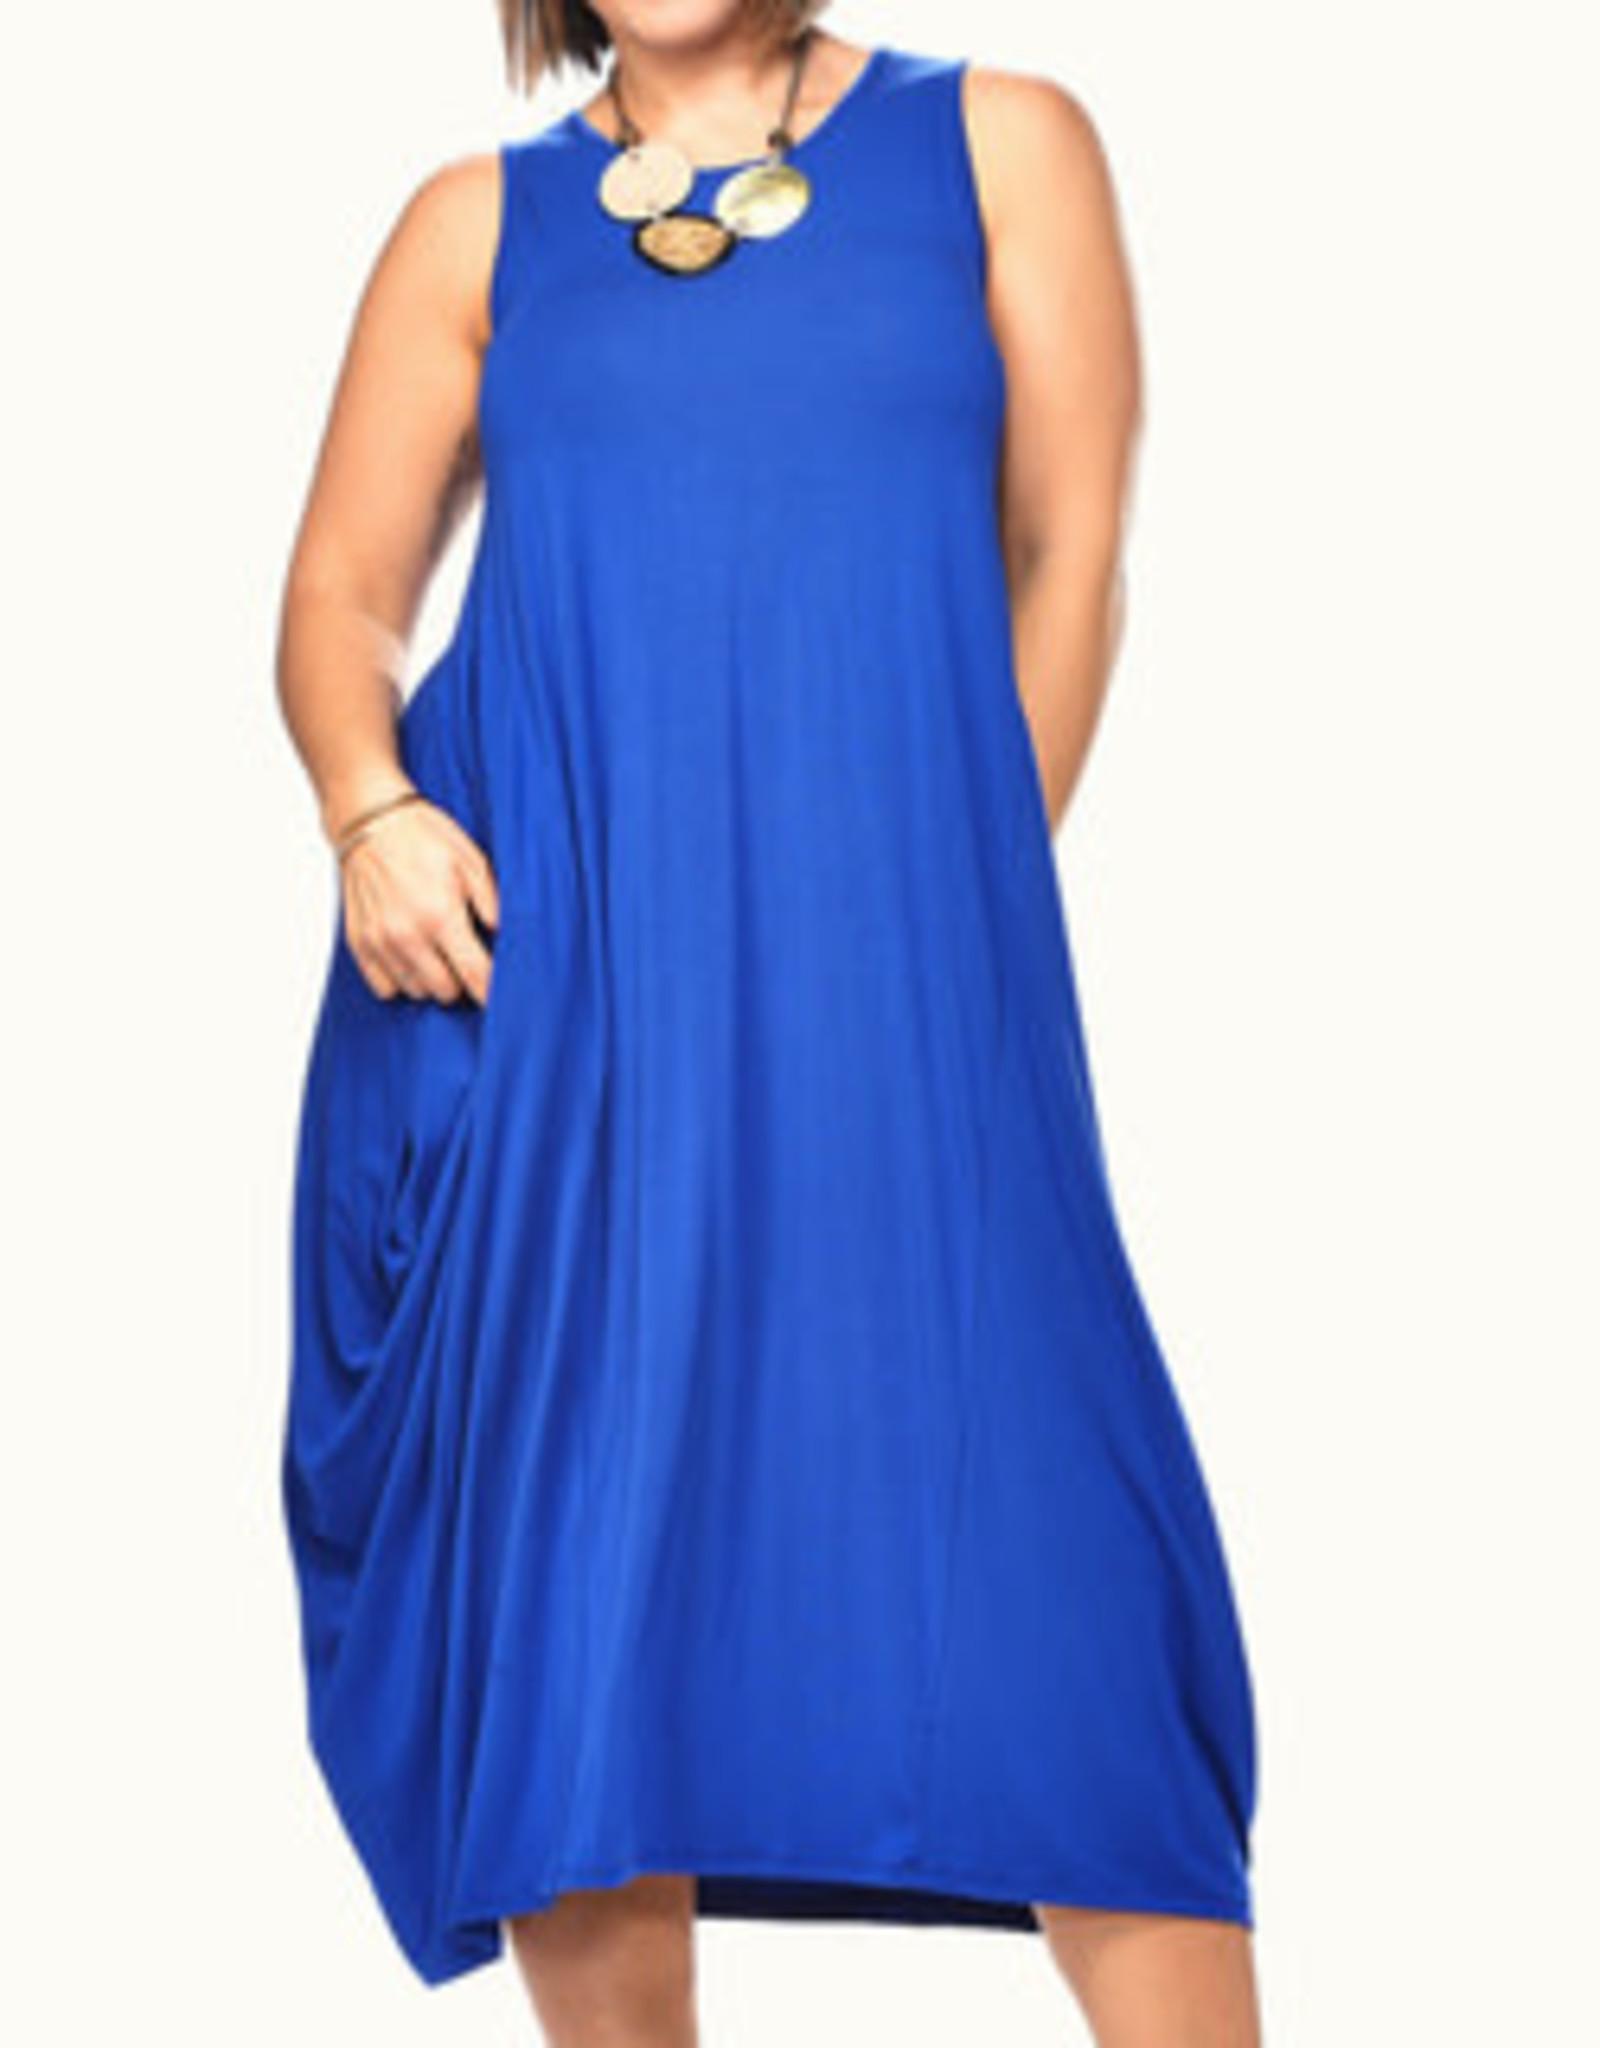 Rapz Rapz 4318 Bamboo Midi Dress with Pockets